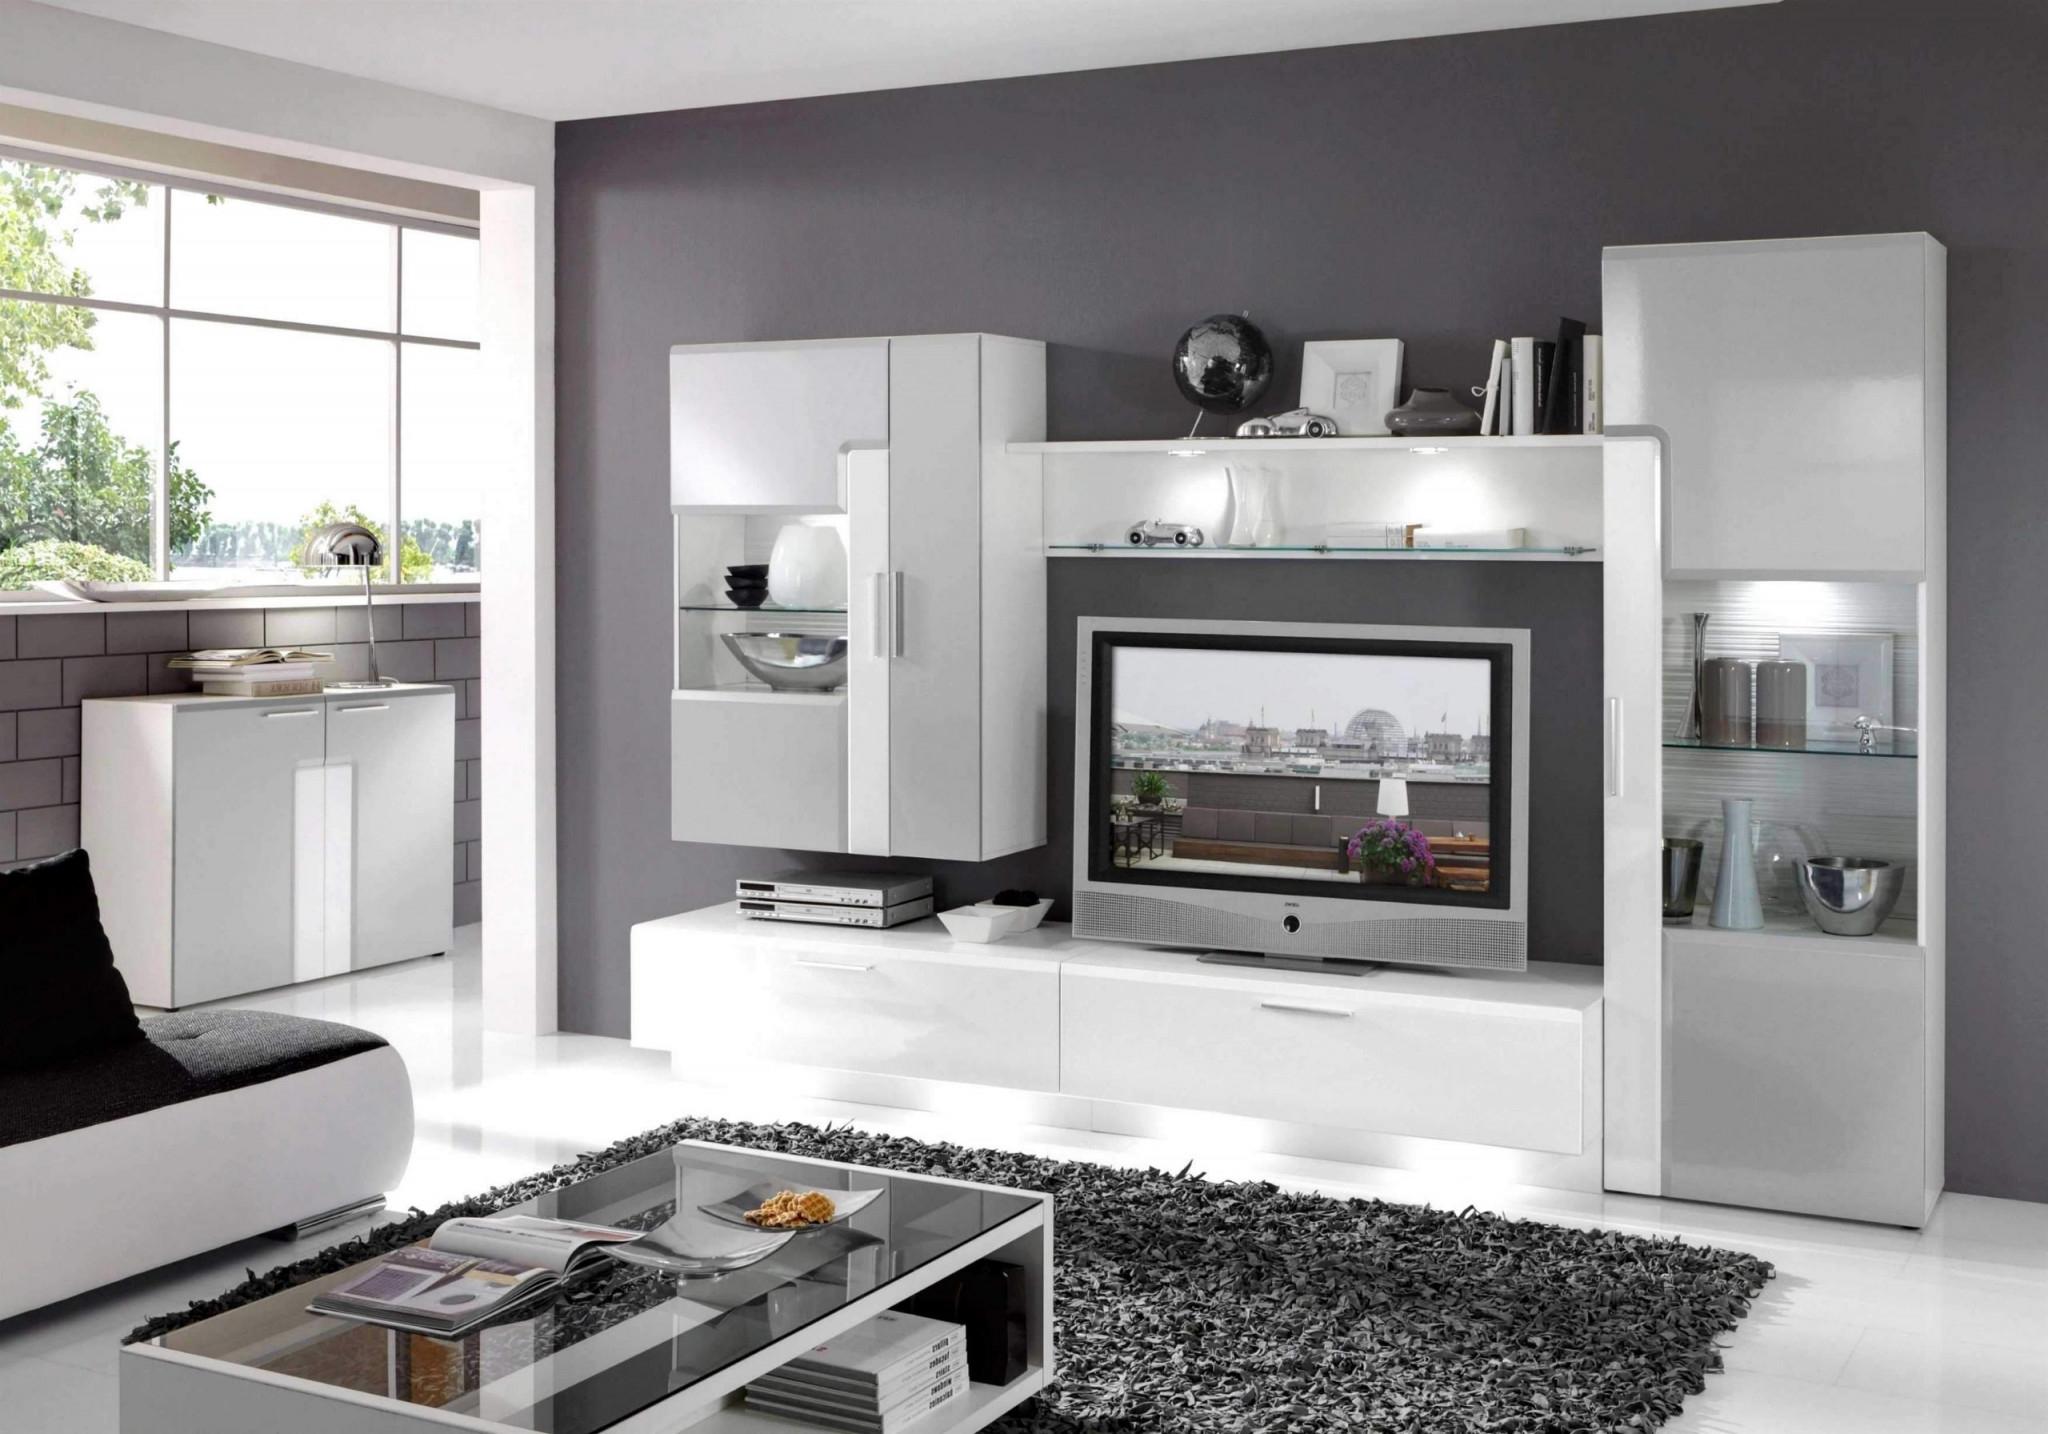 Wohnzimmer Gestalten Grau Das Beste Von 40 Einzigartig Von von Wohnzimmer Einrichten Grau Bild